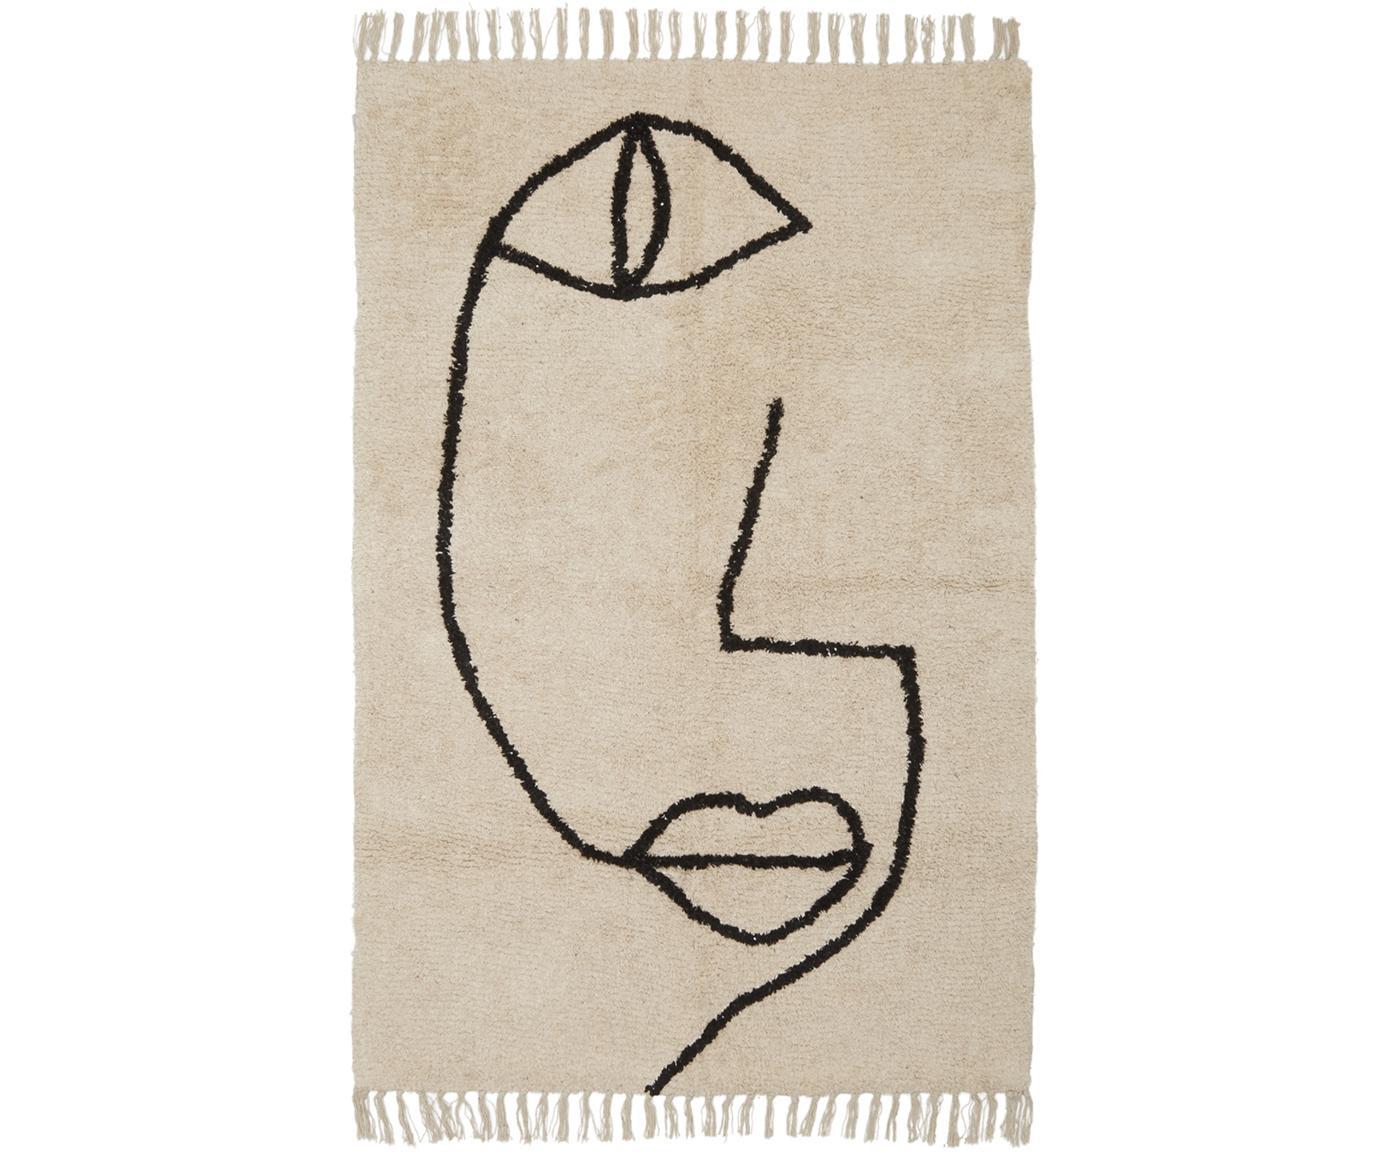 Vloerkleed Open Eye met abstracte One Line tekening, Katoen, Beige, zwart, 90 x 150 cm